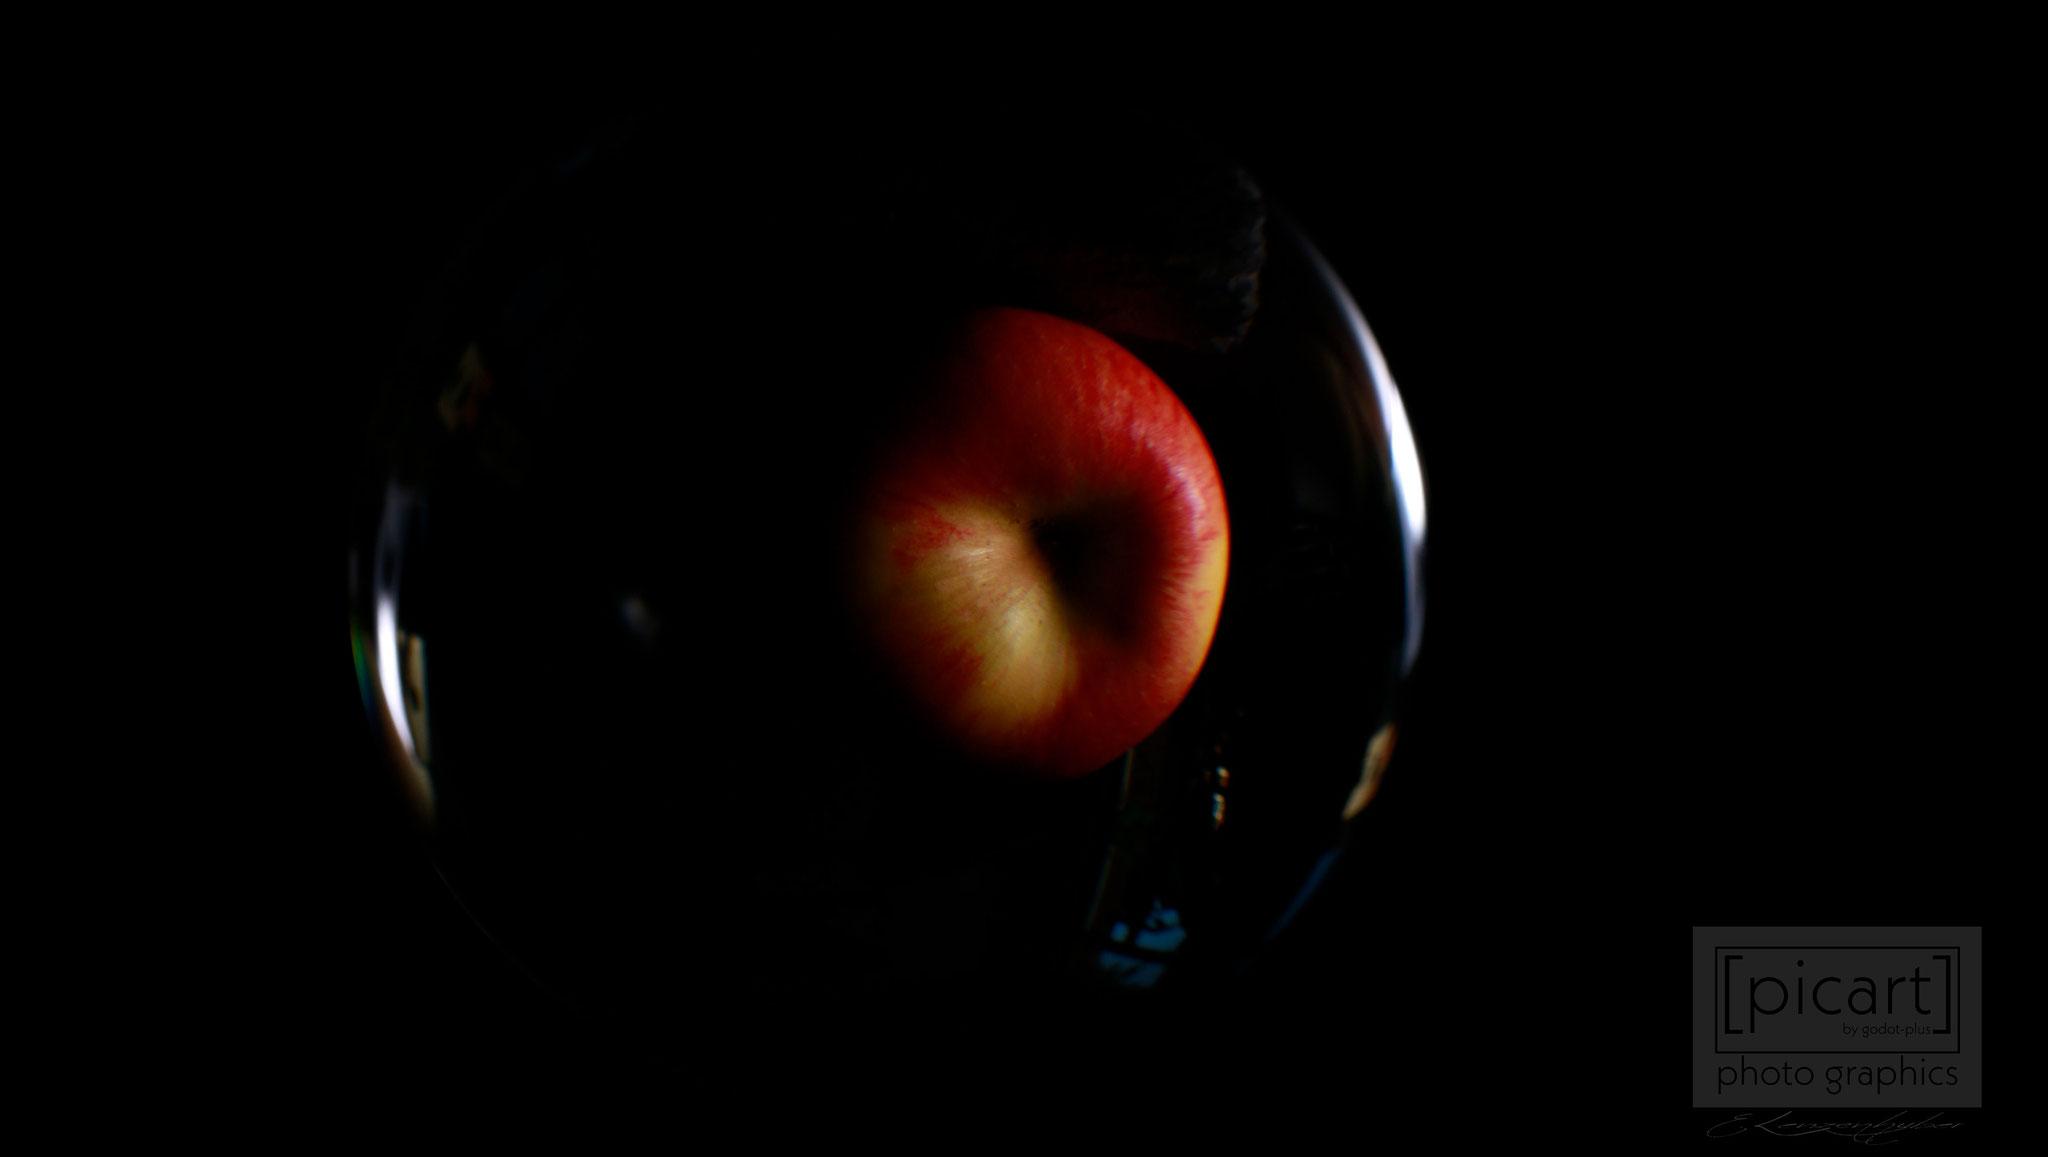 Bestellnummer: LK003  |  Experimentelle Low Key-Fotografie – roter Apfel in Glaskugel © [:picart]by godot-plus, Eva Lenzenhuber